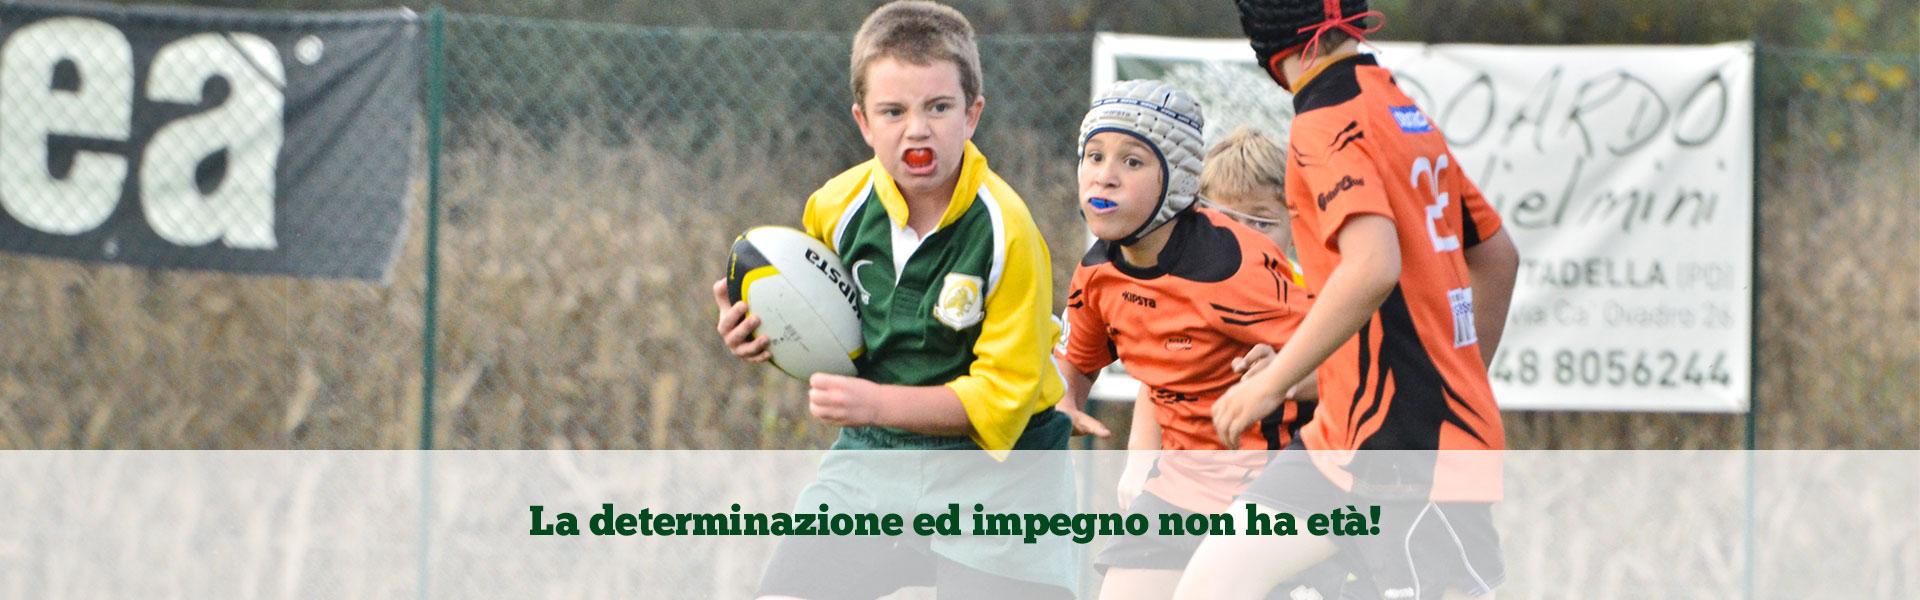 slideshow_rugbypiazzola_prova_2_2